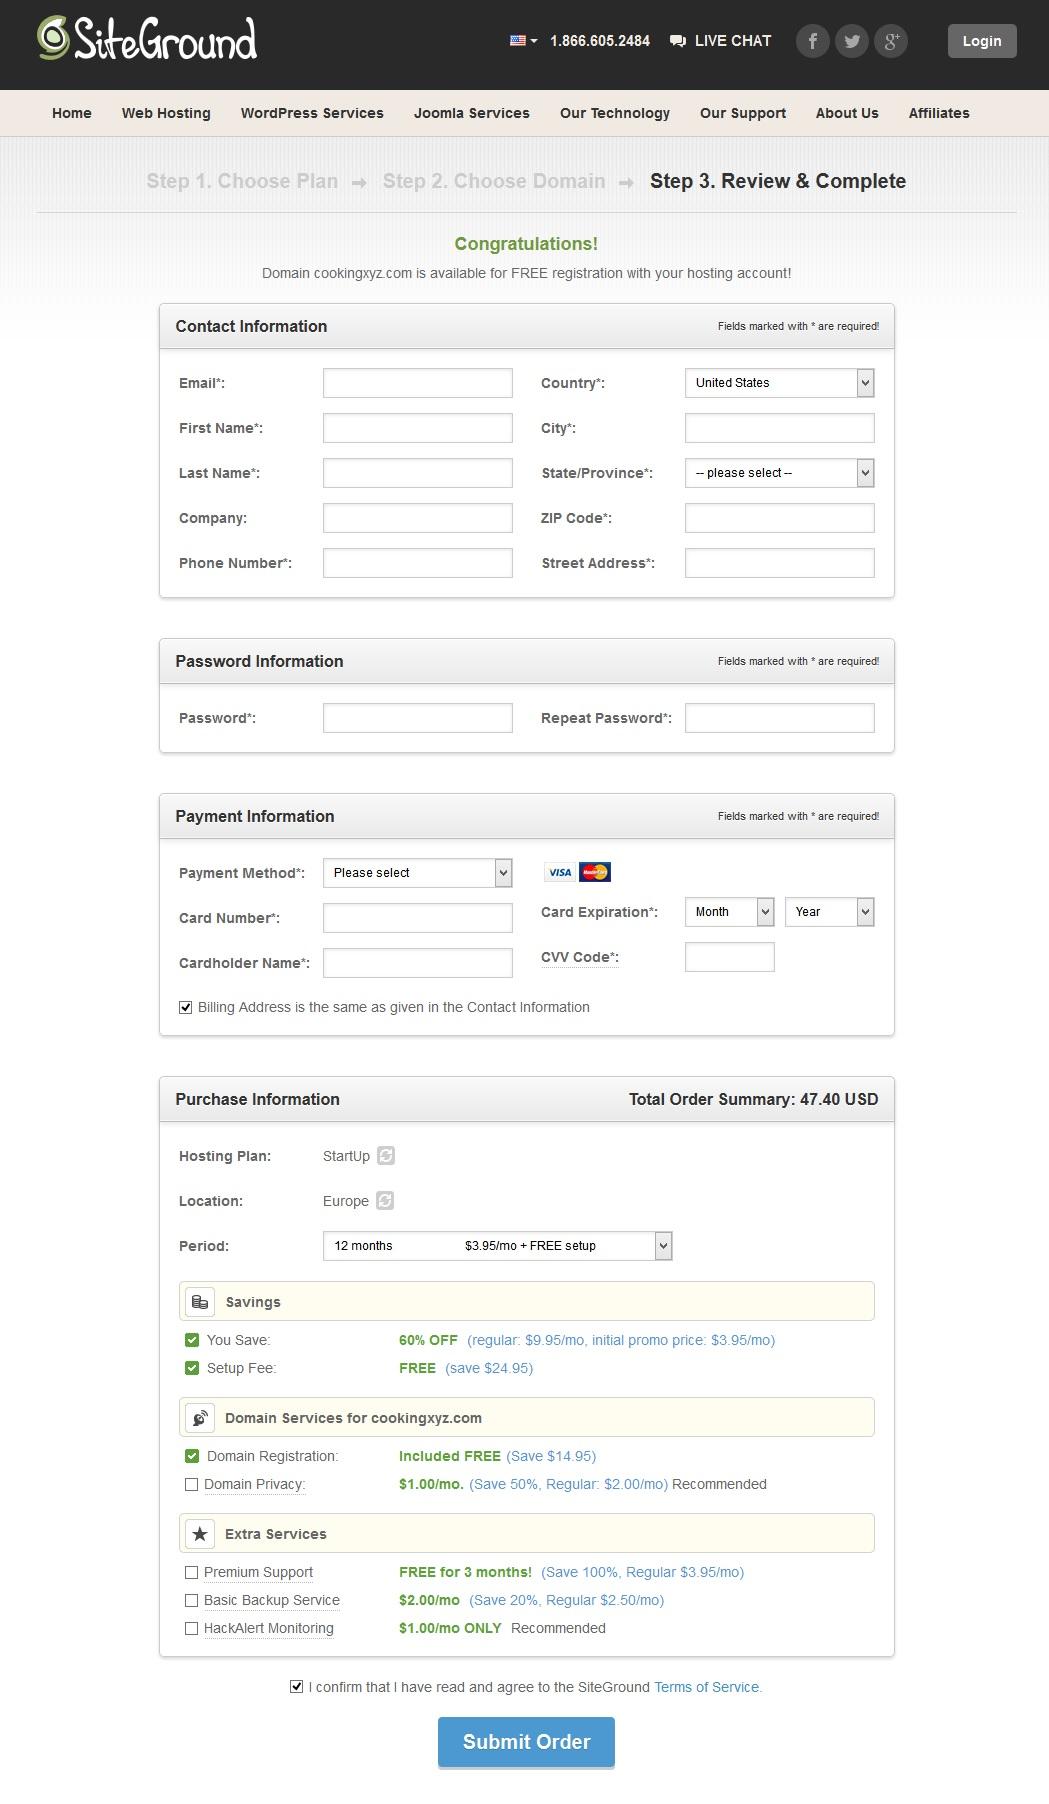 SiteGround Web Hosting Order